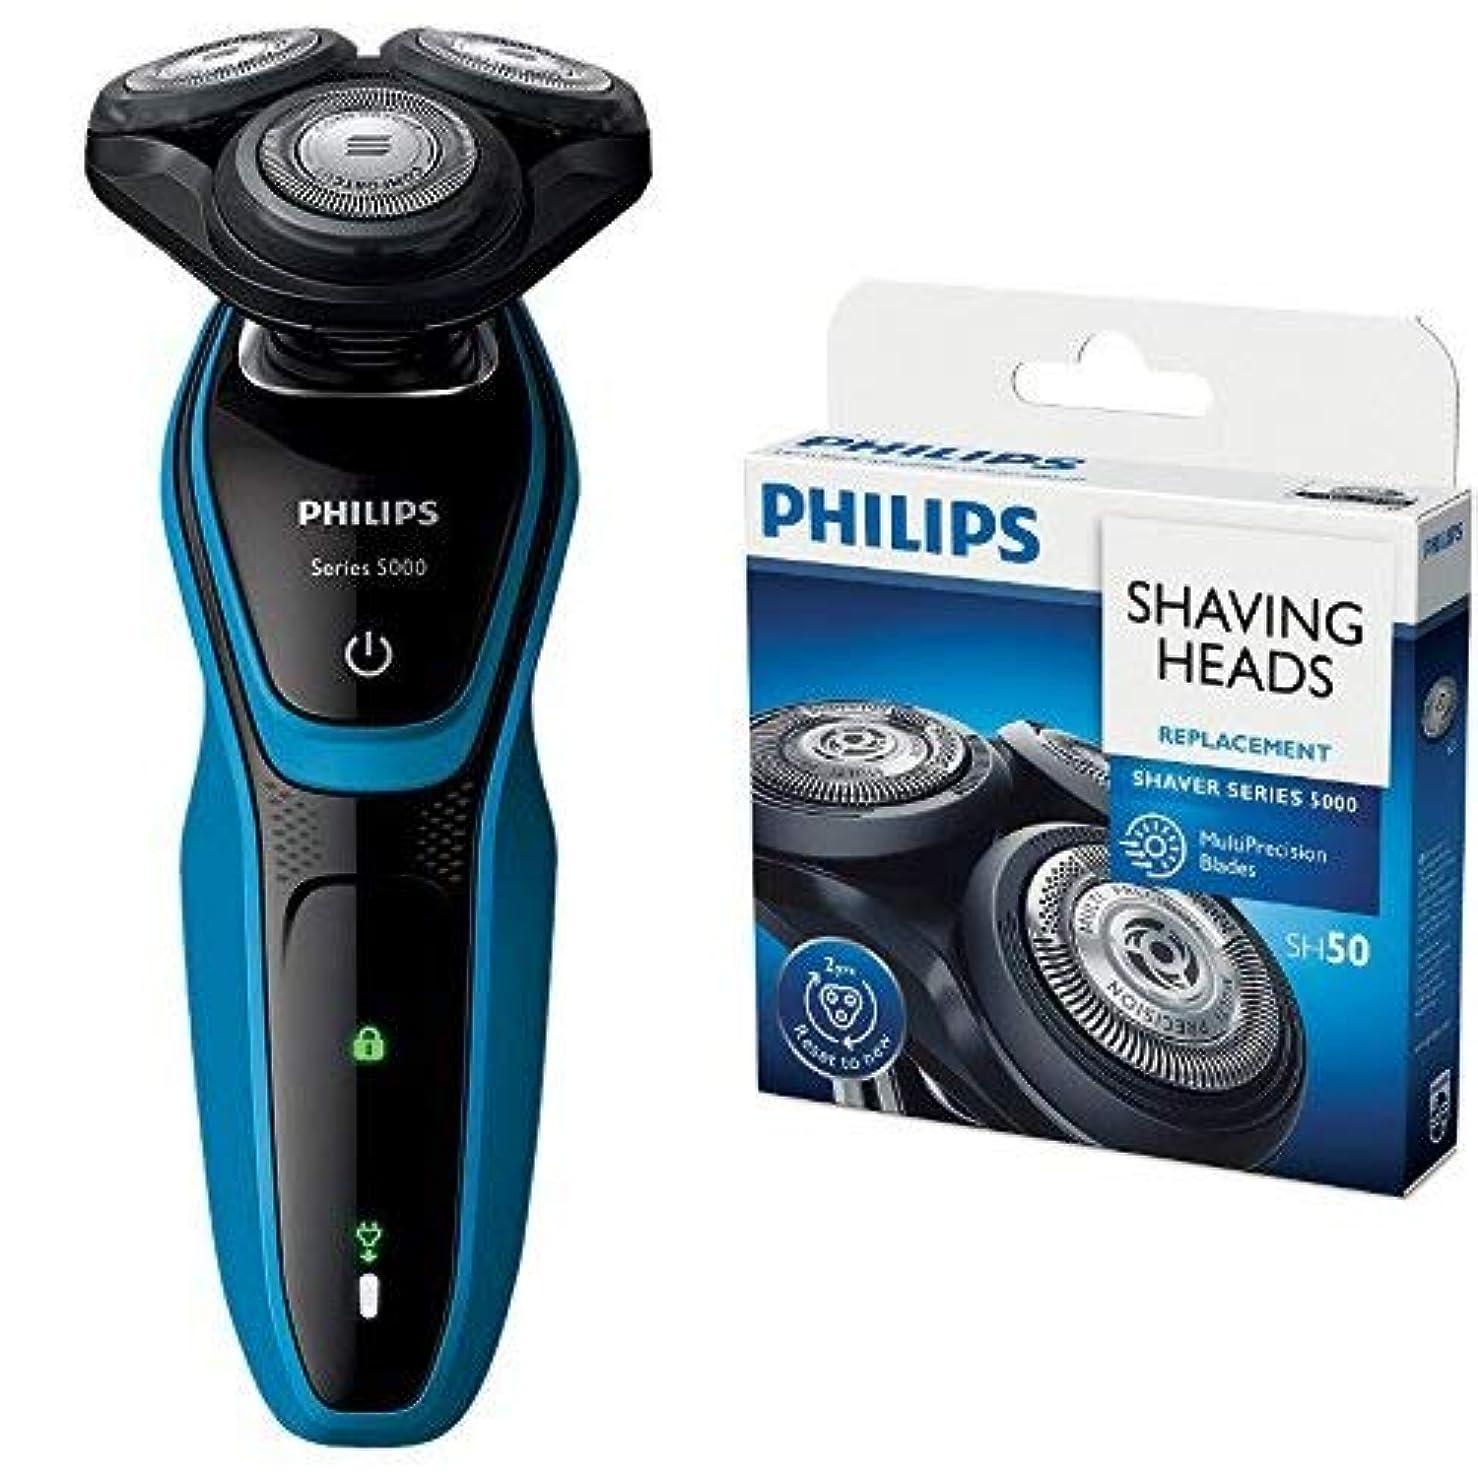 引退するペフ厚くする[セット販売]フィリップス 5000シリーズ メンズ 電気シェーバー 27枚刃 回転式 お風呂剃り & 丸洗い可 S5050/05 + フィリップス 5000シリーズ用替刃 SH50/51